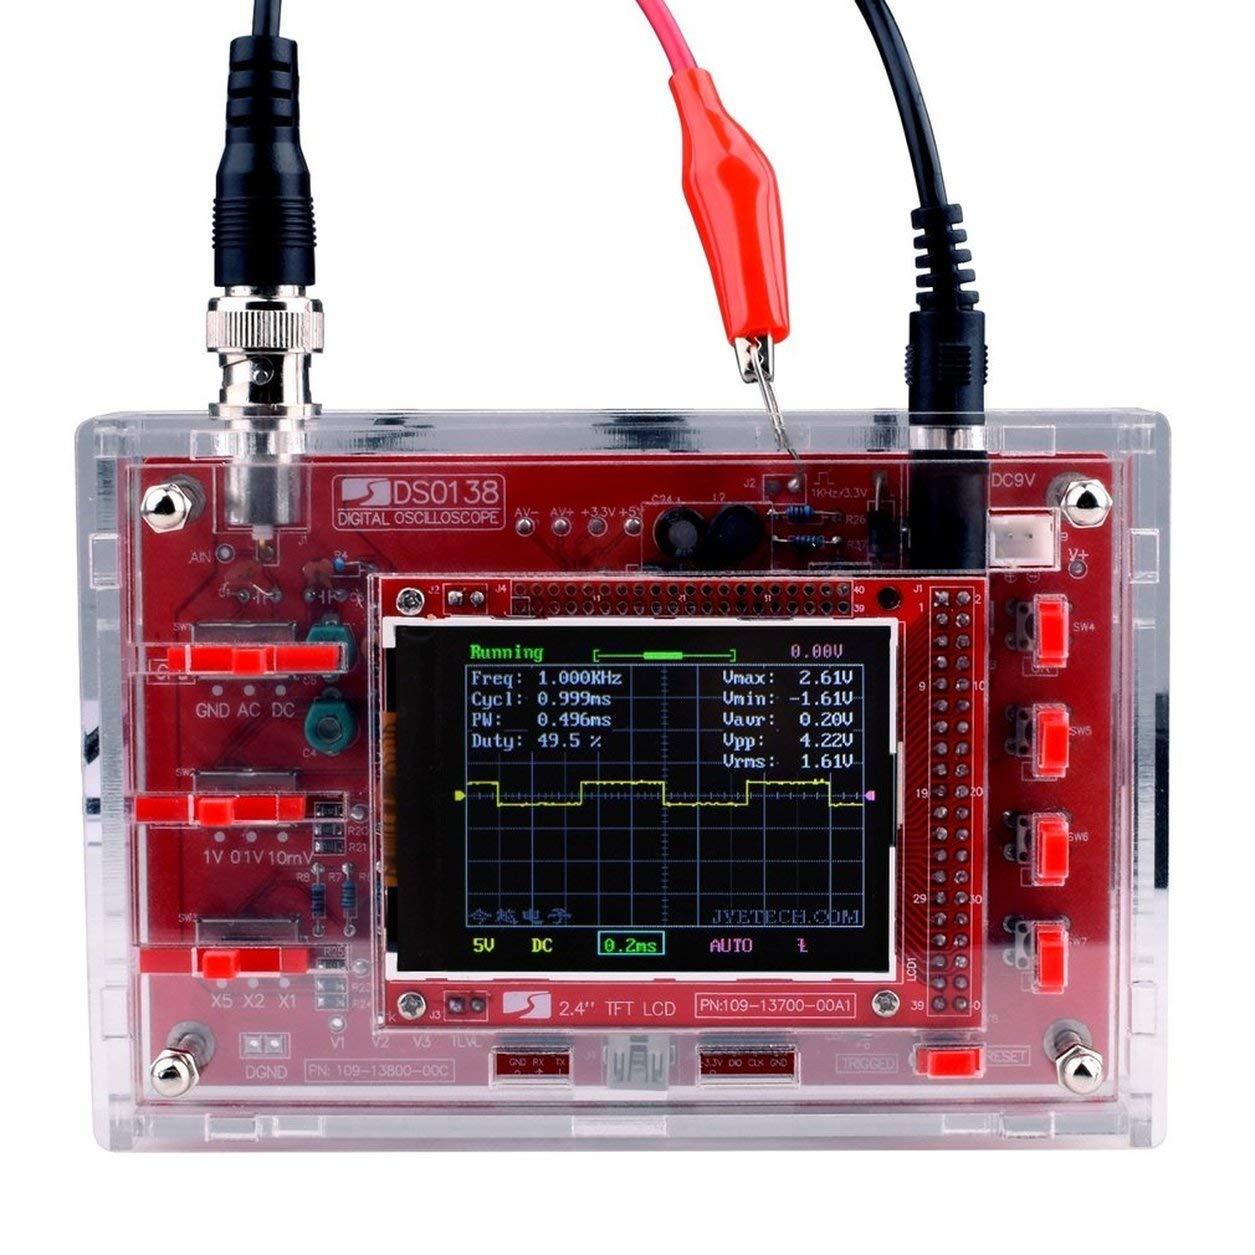 DSO138 2.4 pouces TFT oscilloscope numé rique soudé /kit de piè ces de bricolage/boî tier acrylique Dailyinshop